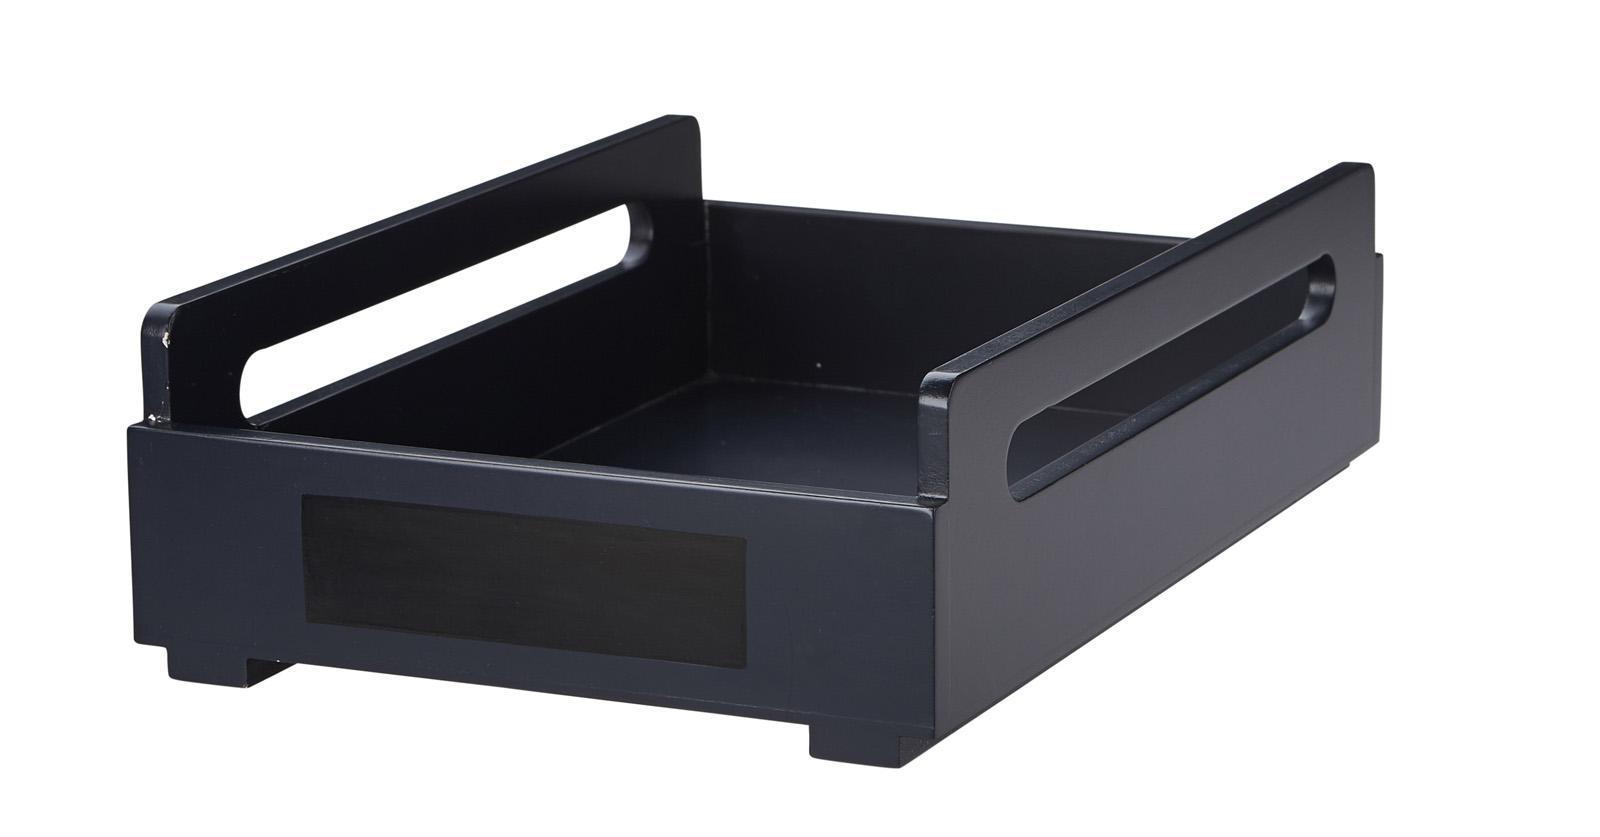 scandic toys holzablagefach schwarz alles f r den schreibtisch im kinderlampenland. Black Bedroom Furniture Sets. Home Design Ideas